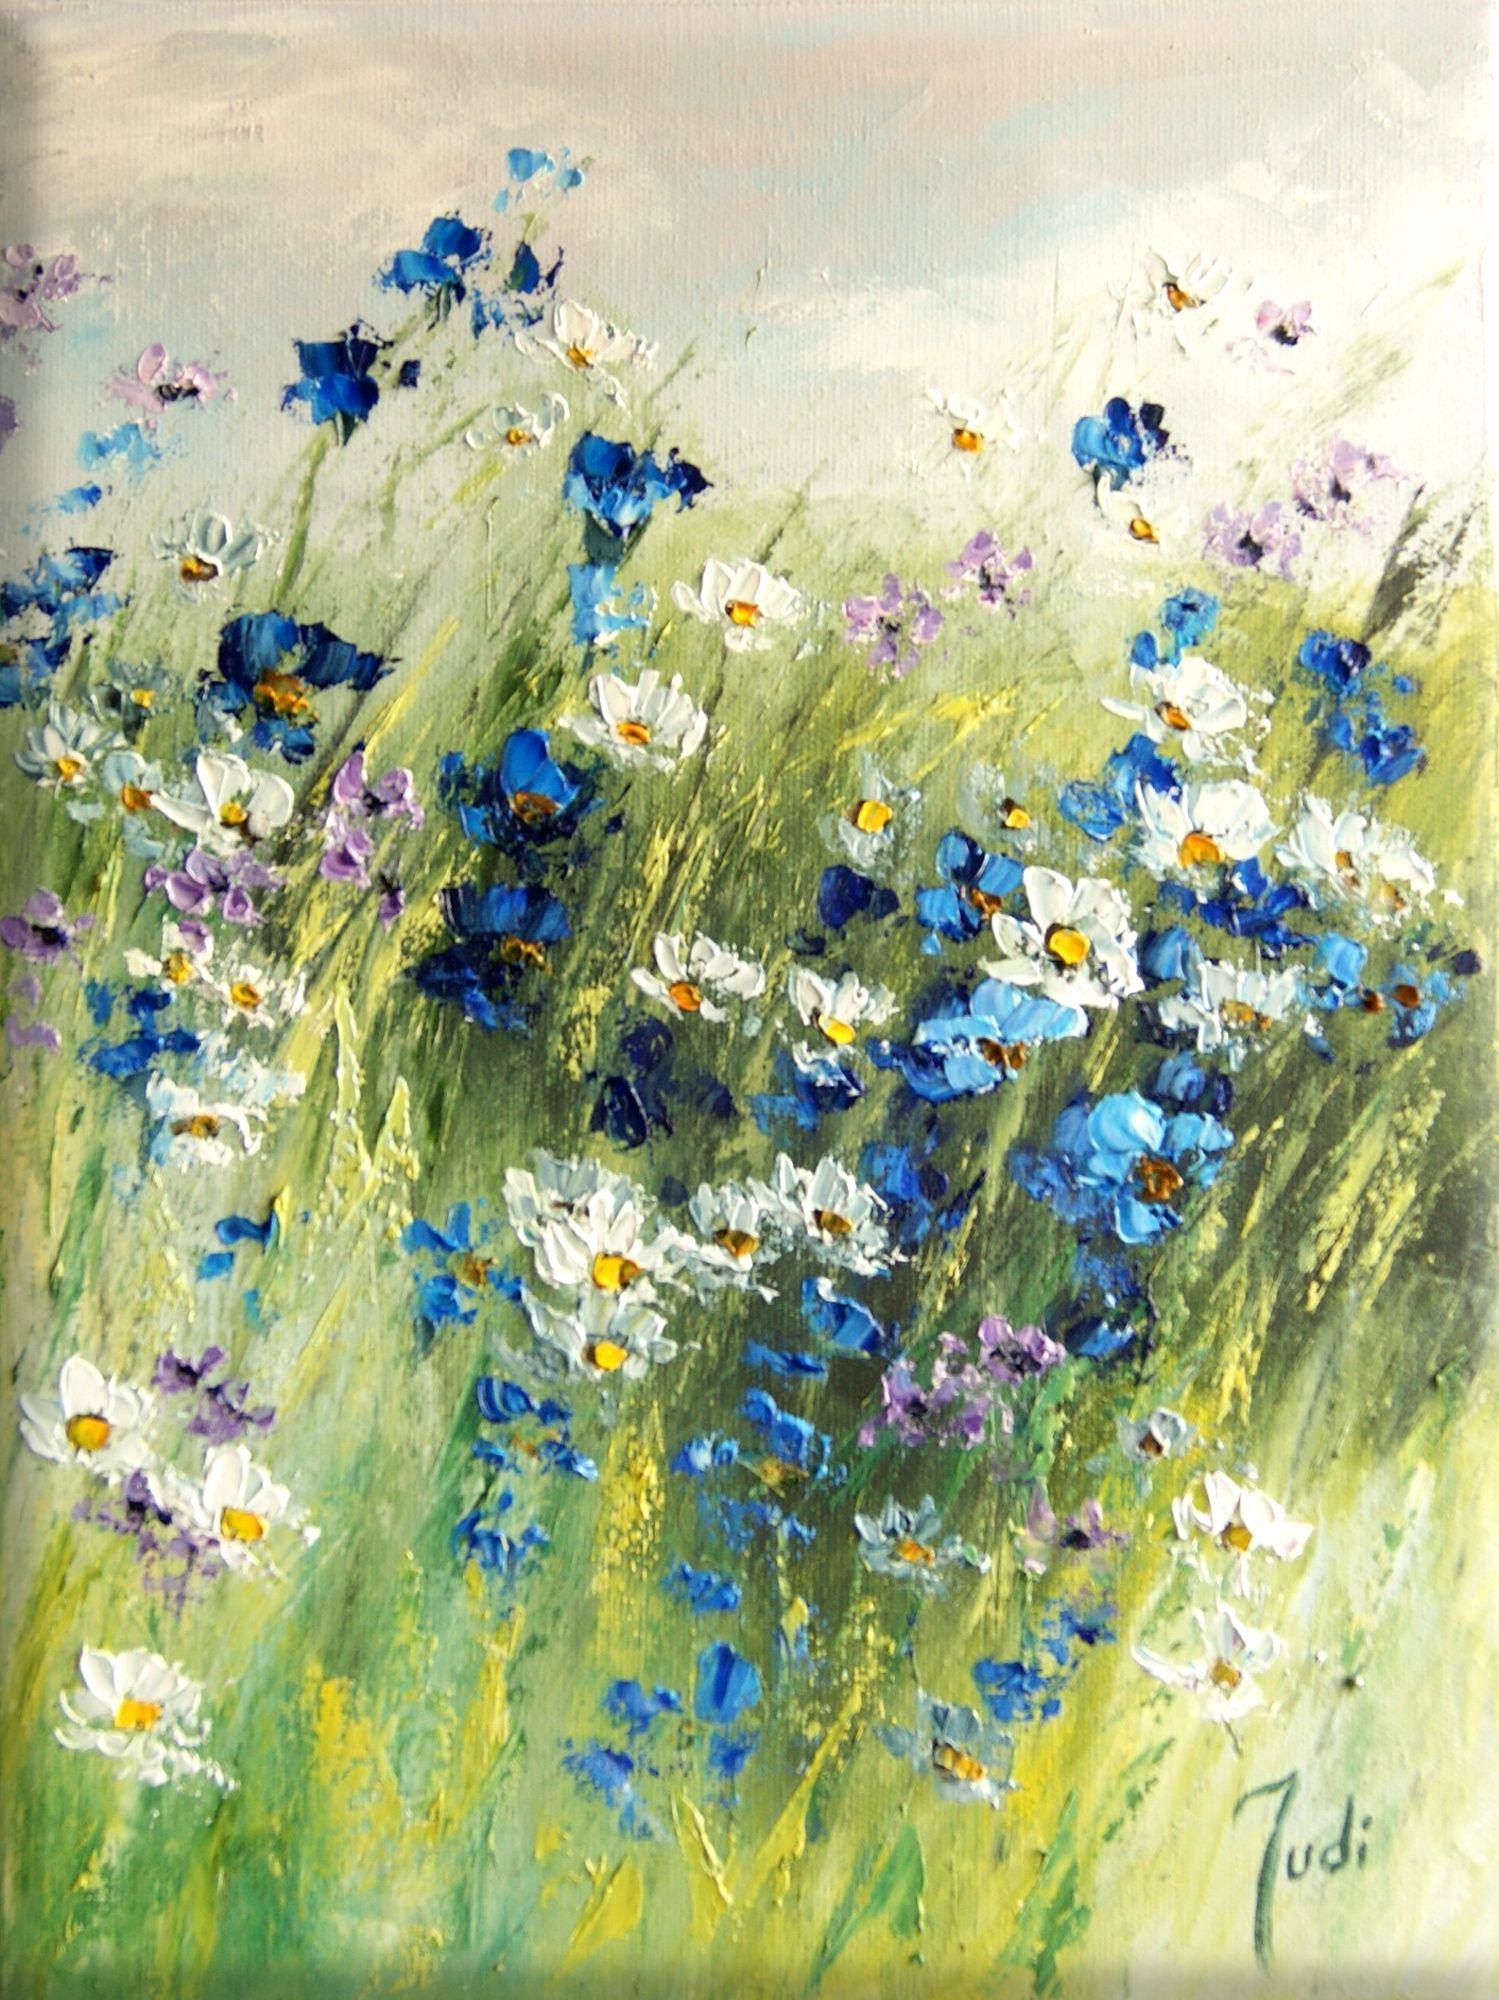 Judiart Obraz Olejny Kwiaty Subtelna Laka Flower Art Painting Abstract Flower Painting Flower Painting Canvas